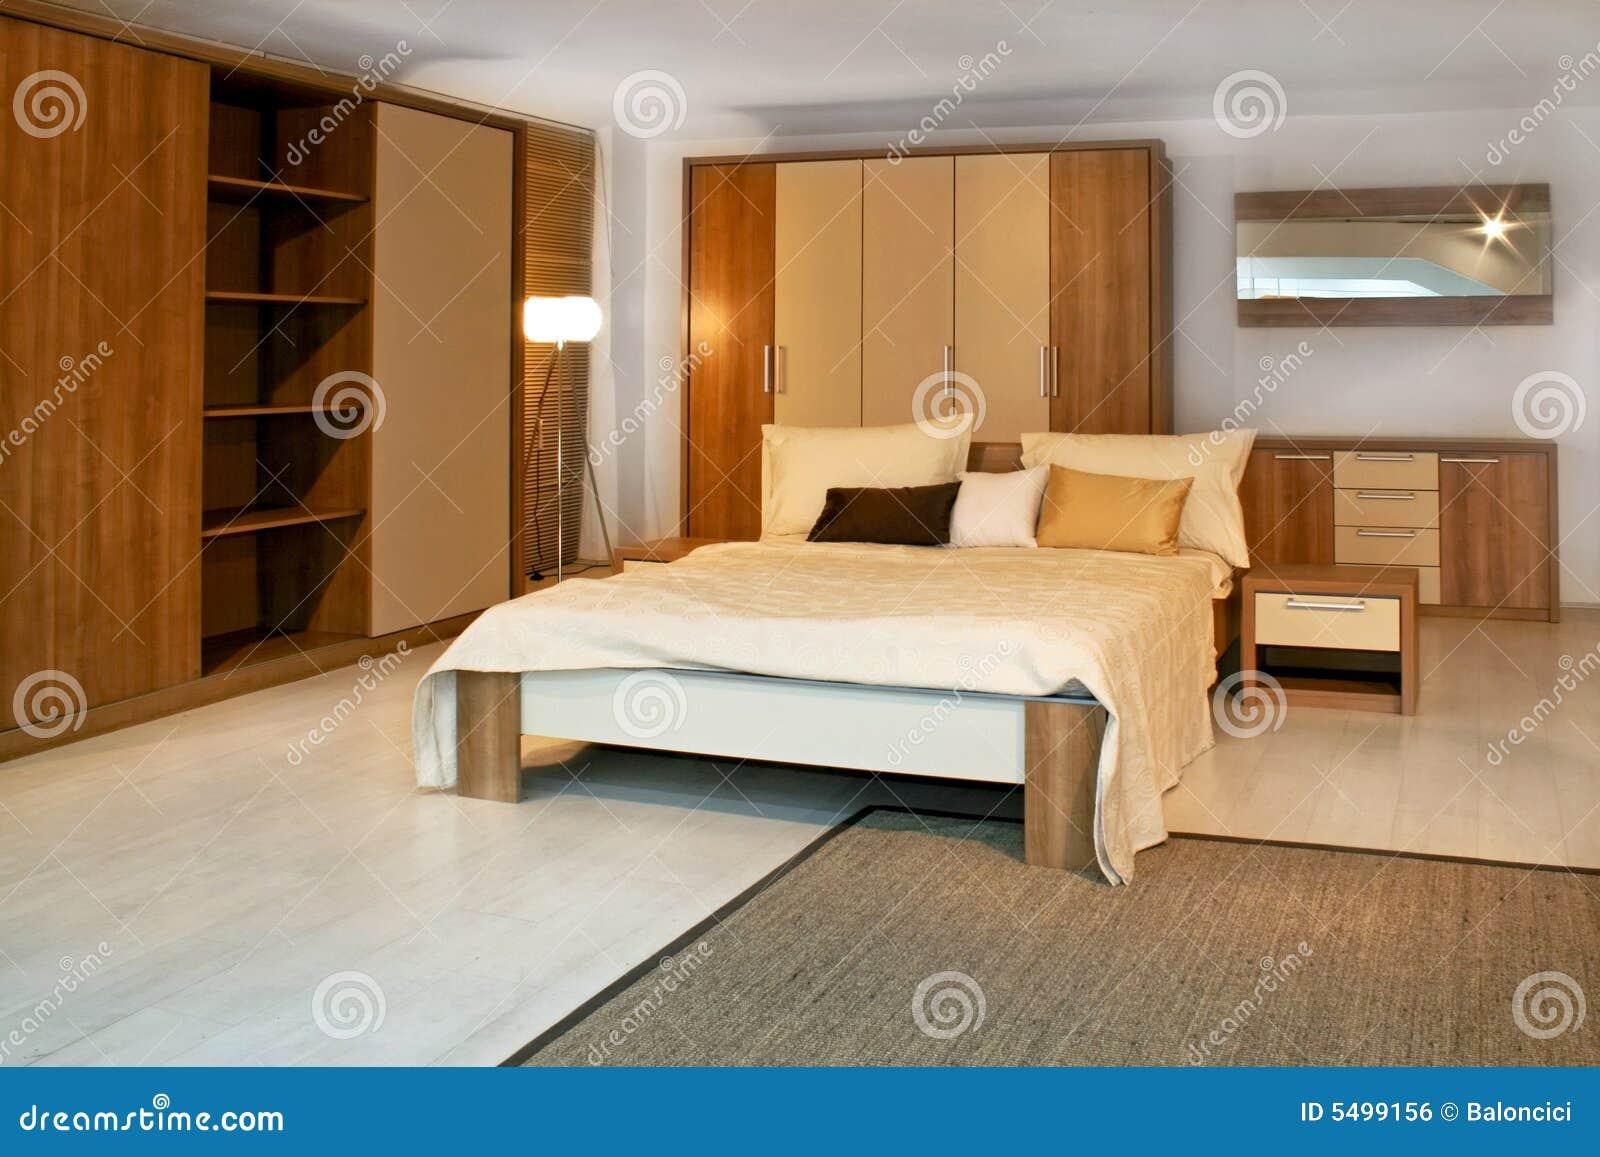 Camera da letto di legno 3 fotografia stock immagine di sistemazione 5499156 - Camera da letto legno ...